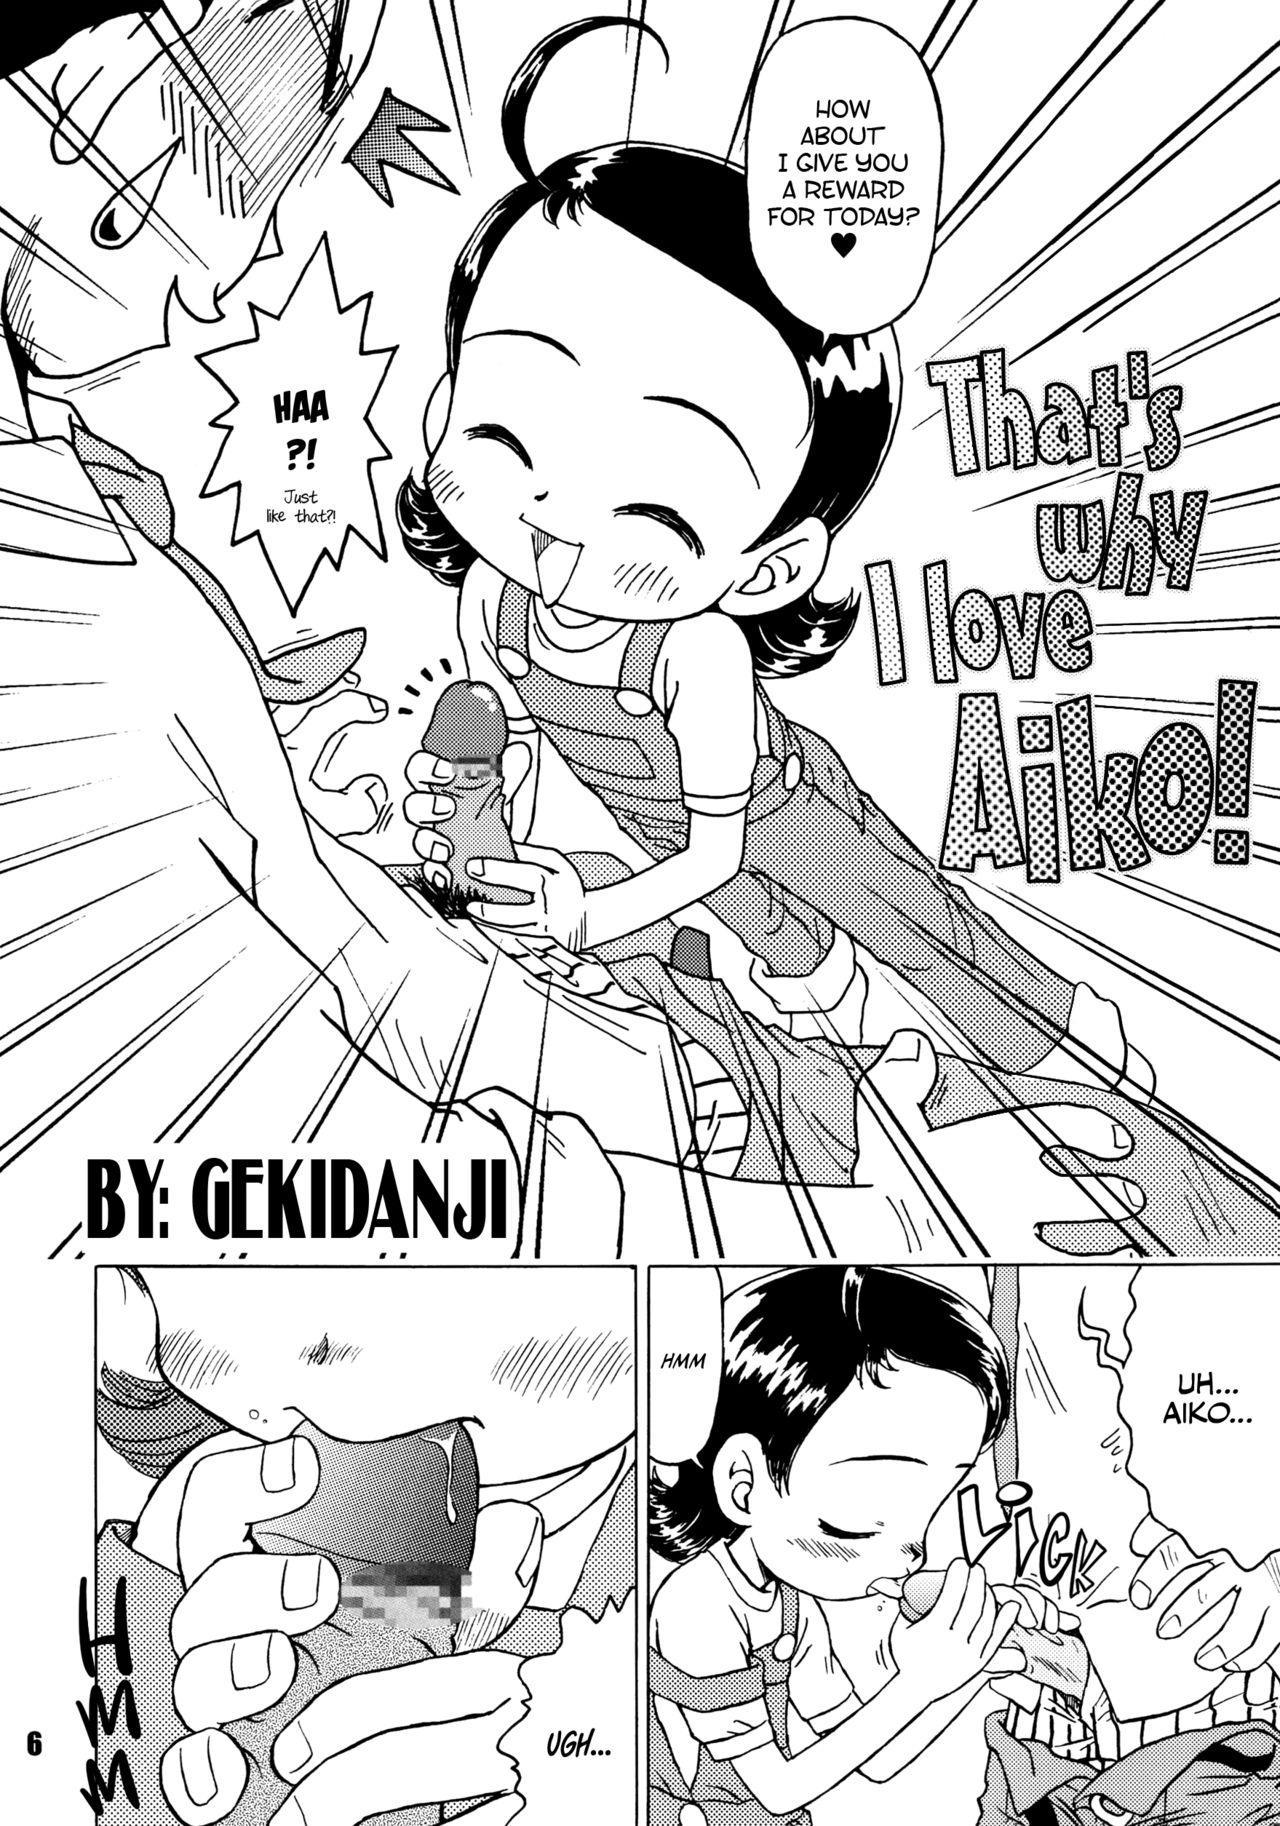 Dakara Aiko ga Suki ya nen 1